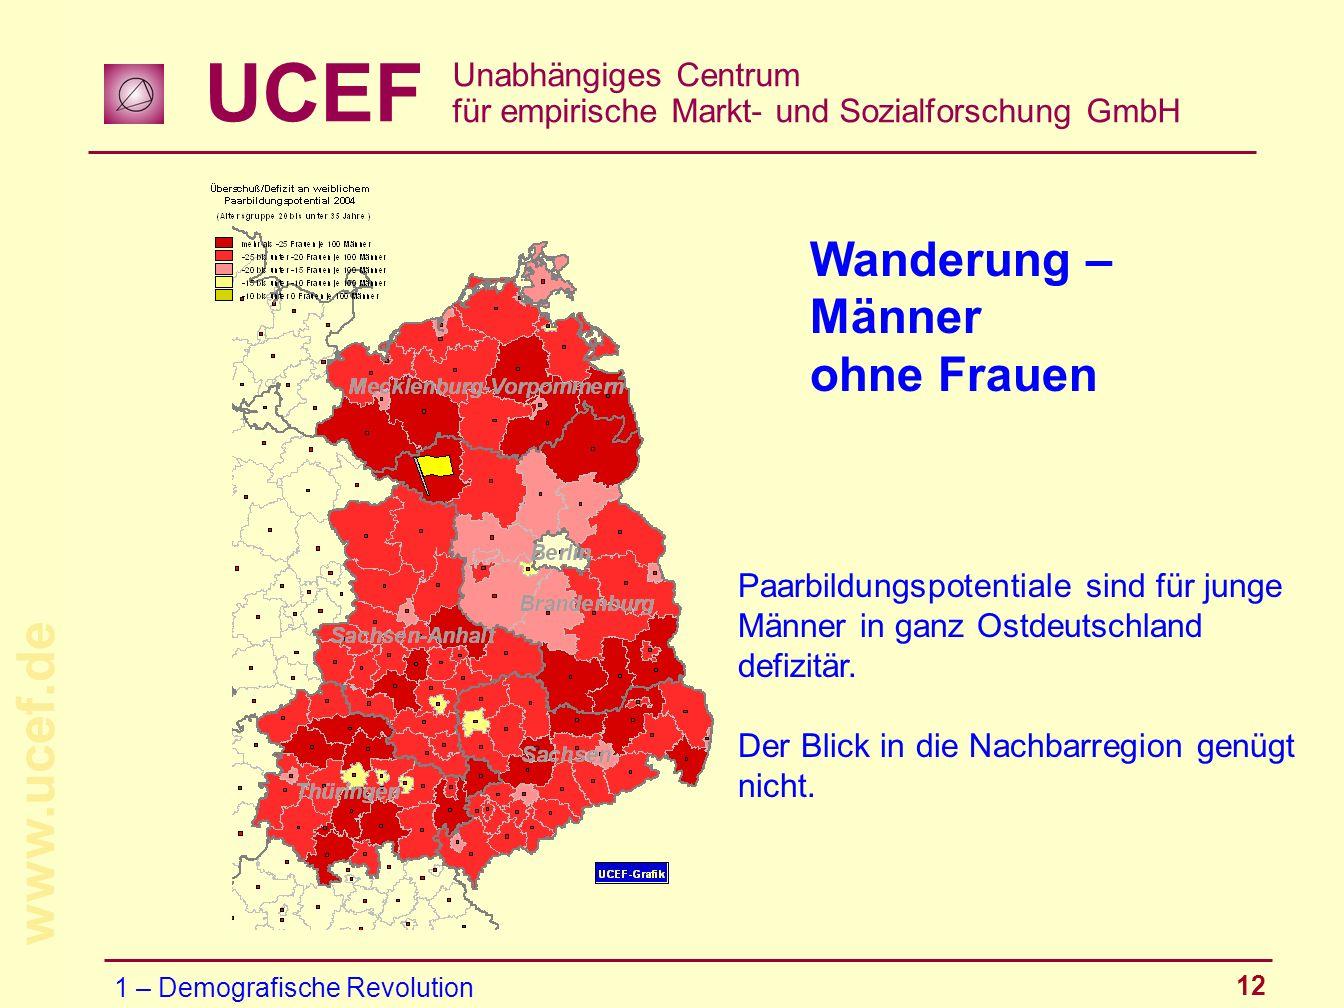 UCEF Unabhängiges Centrum für empirische Markt- und Sozialforschung GmbH www.ucef.de 12 Wanderung – Männer ohne Frauen Paarbildungspotentiale sind für